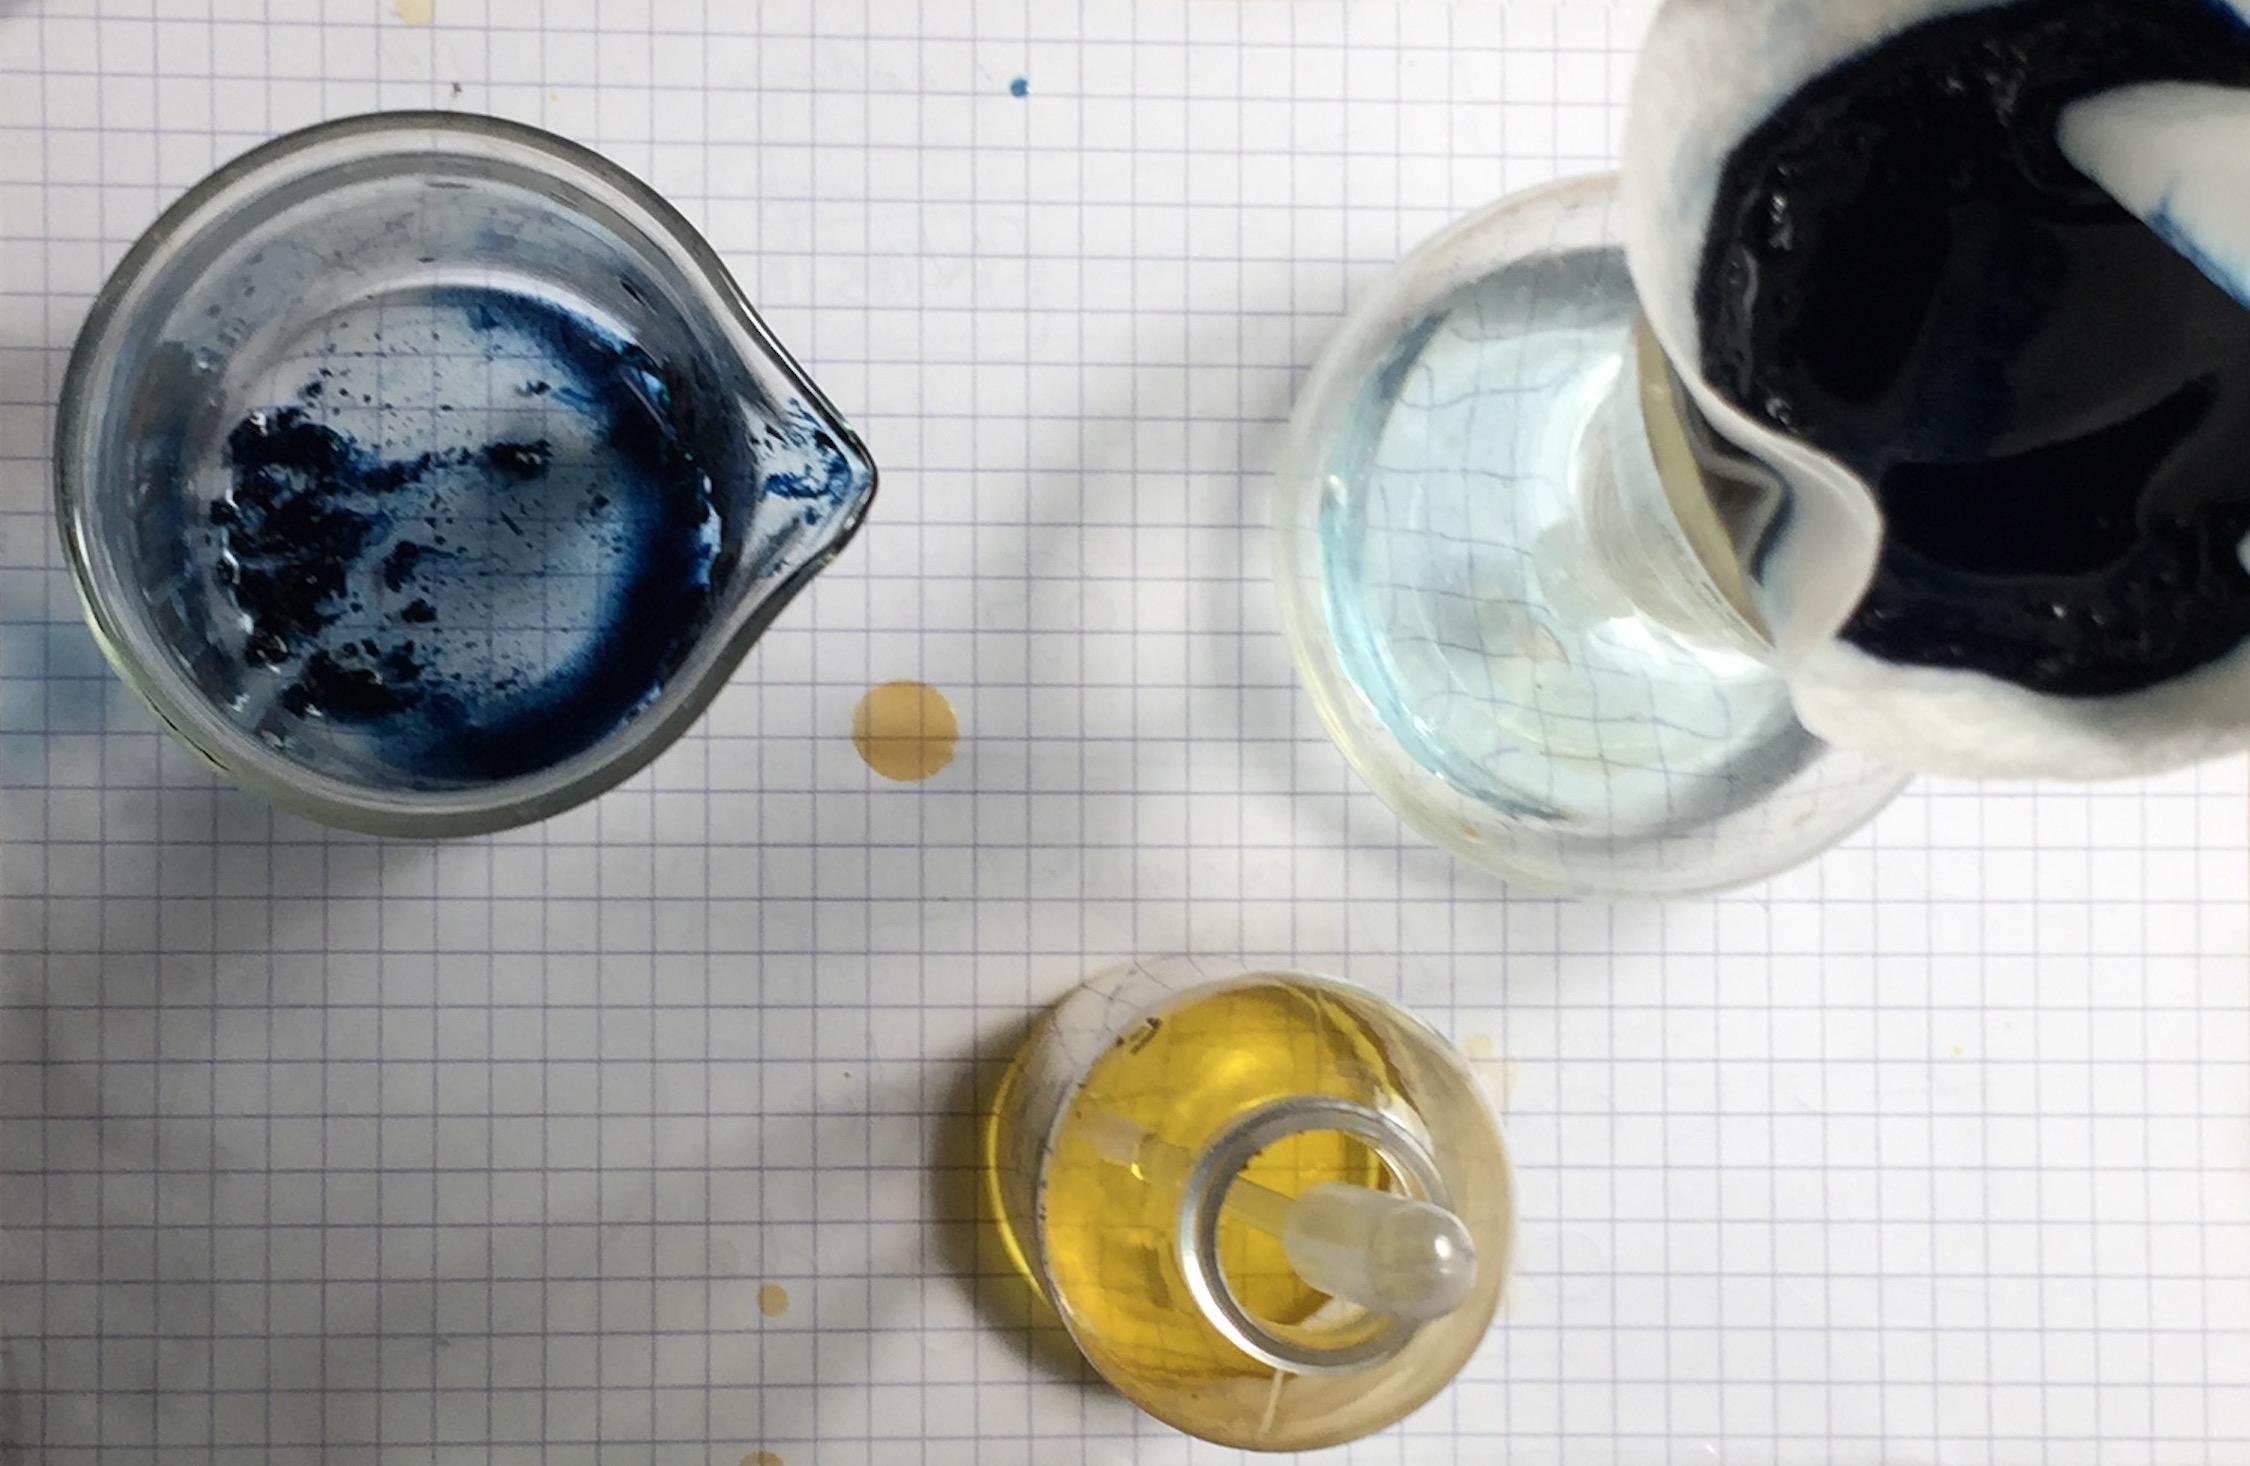 [Stock + Fabrication] Bleu de Prusse (risque nucléaire) Césium et comprimés - Page 2 Captu247